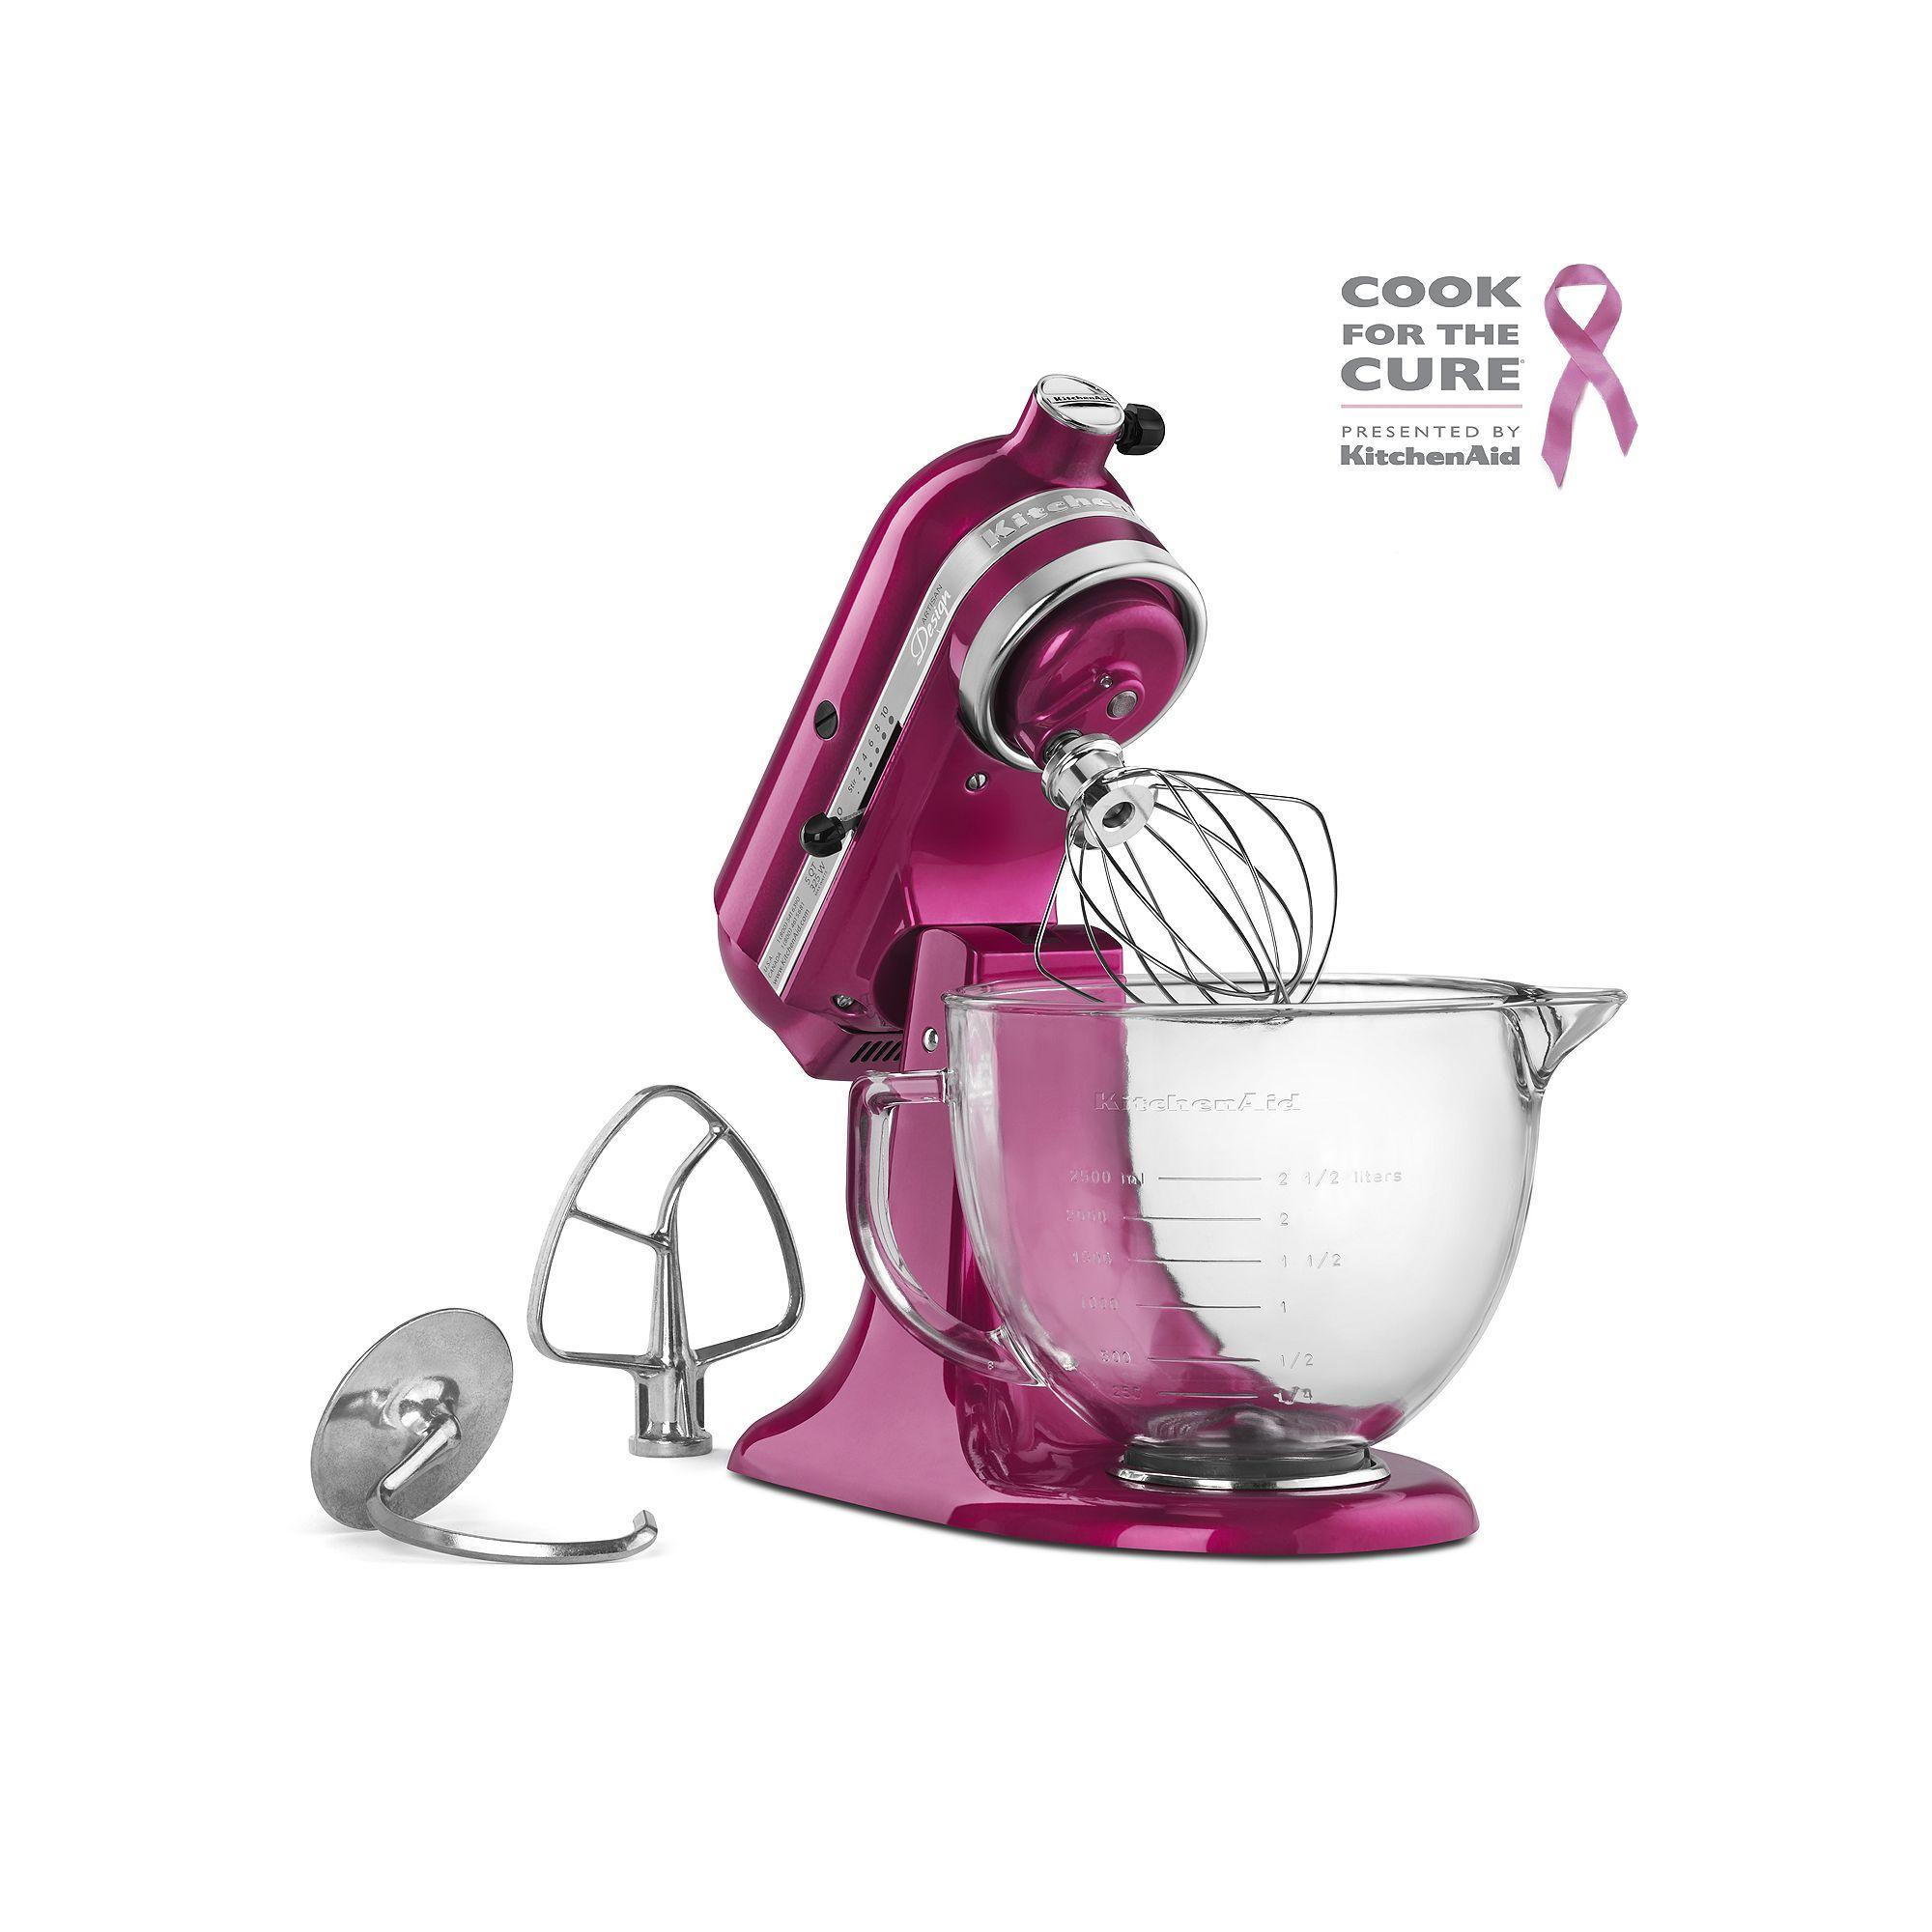 Kitchenaid Ksm155gb Artisan Design Series 5 Qt Tilt Head Stand